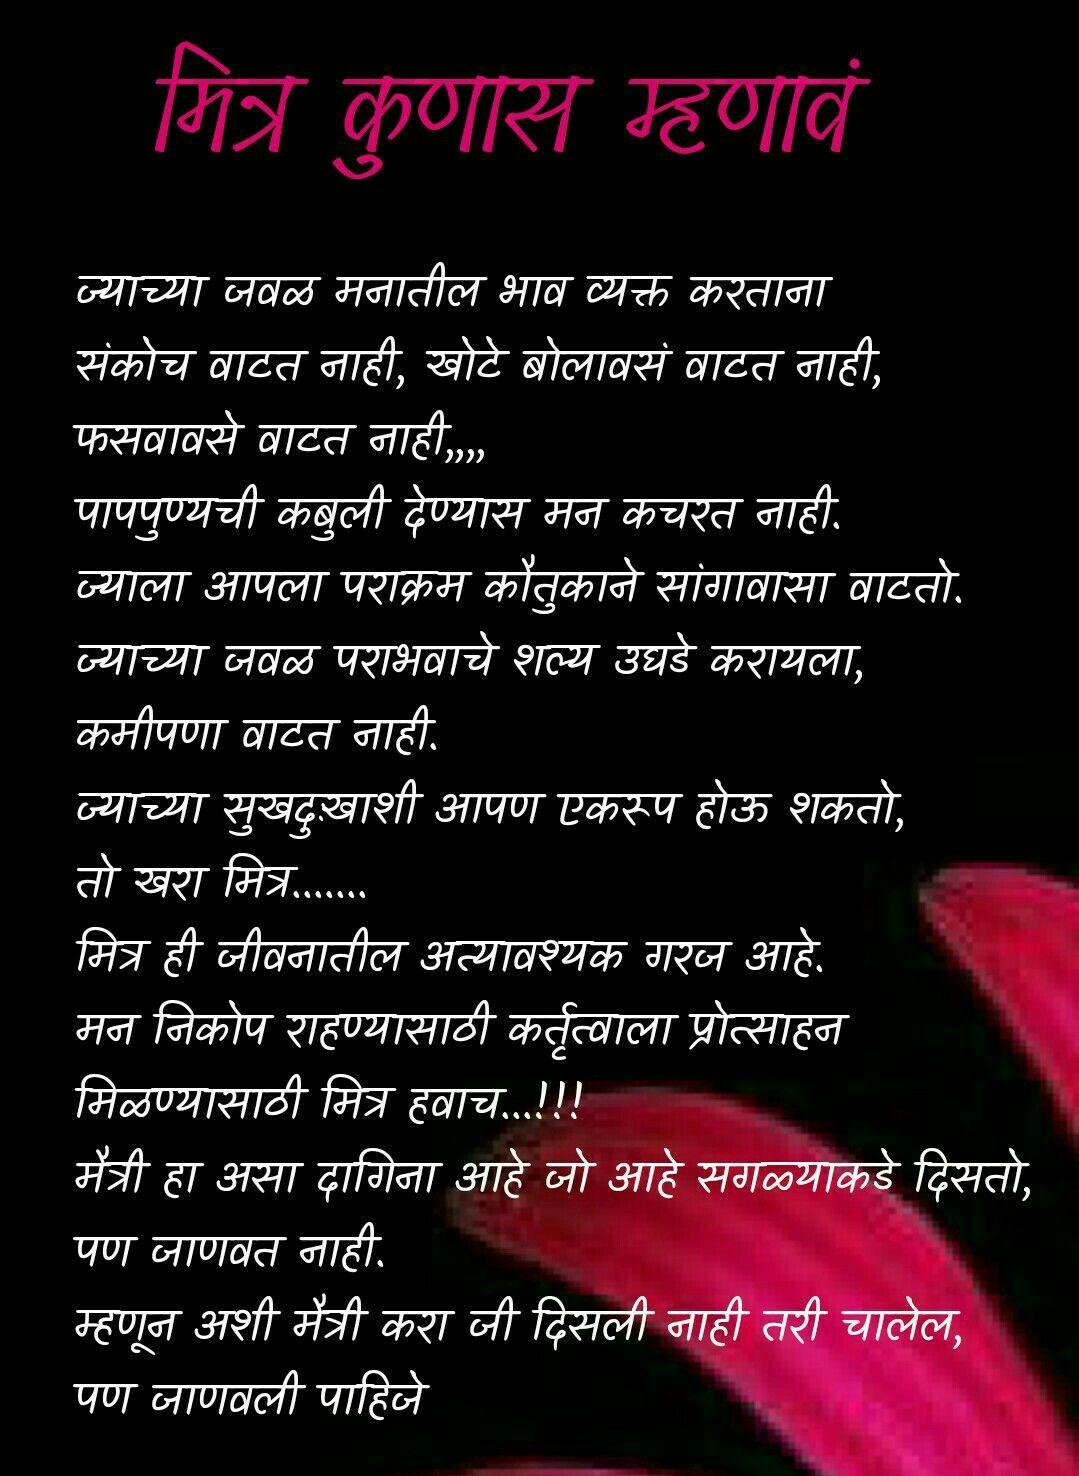 Marathi poem Friendship poems, Friendship quotes in